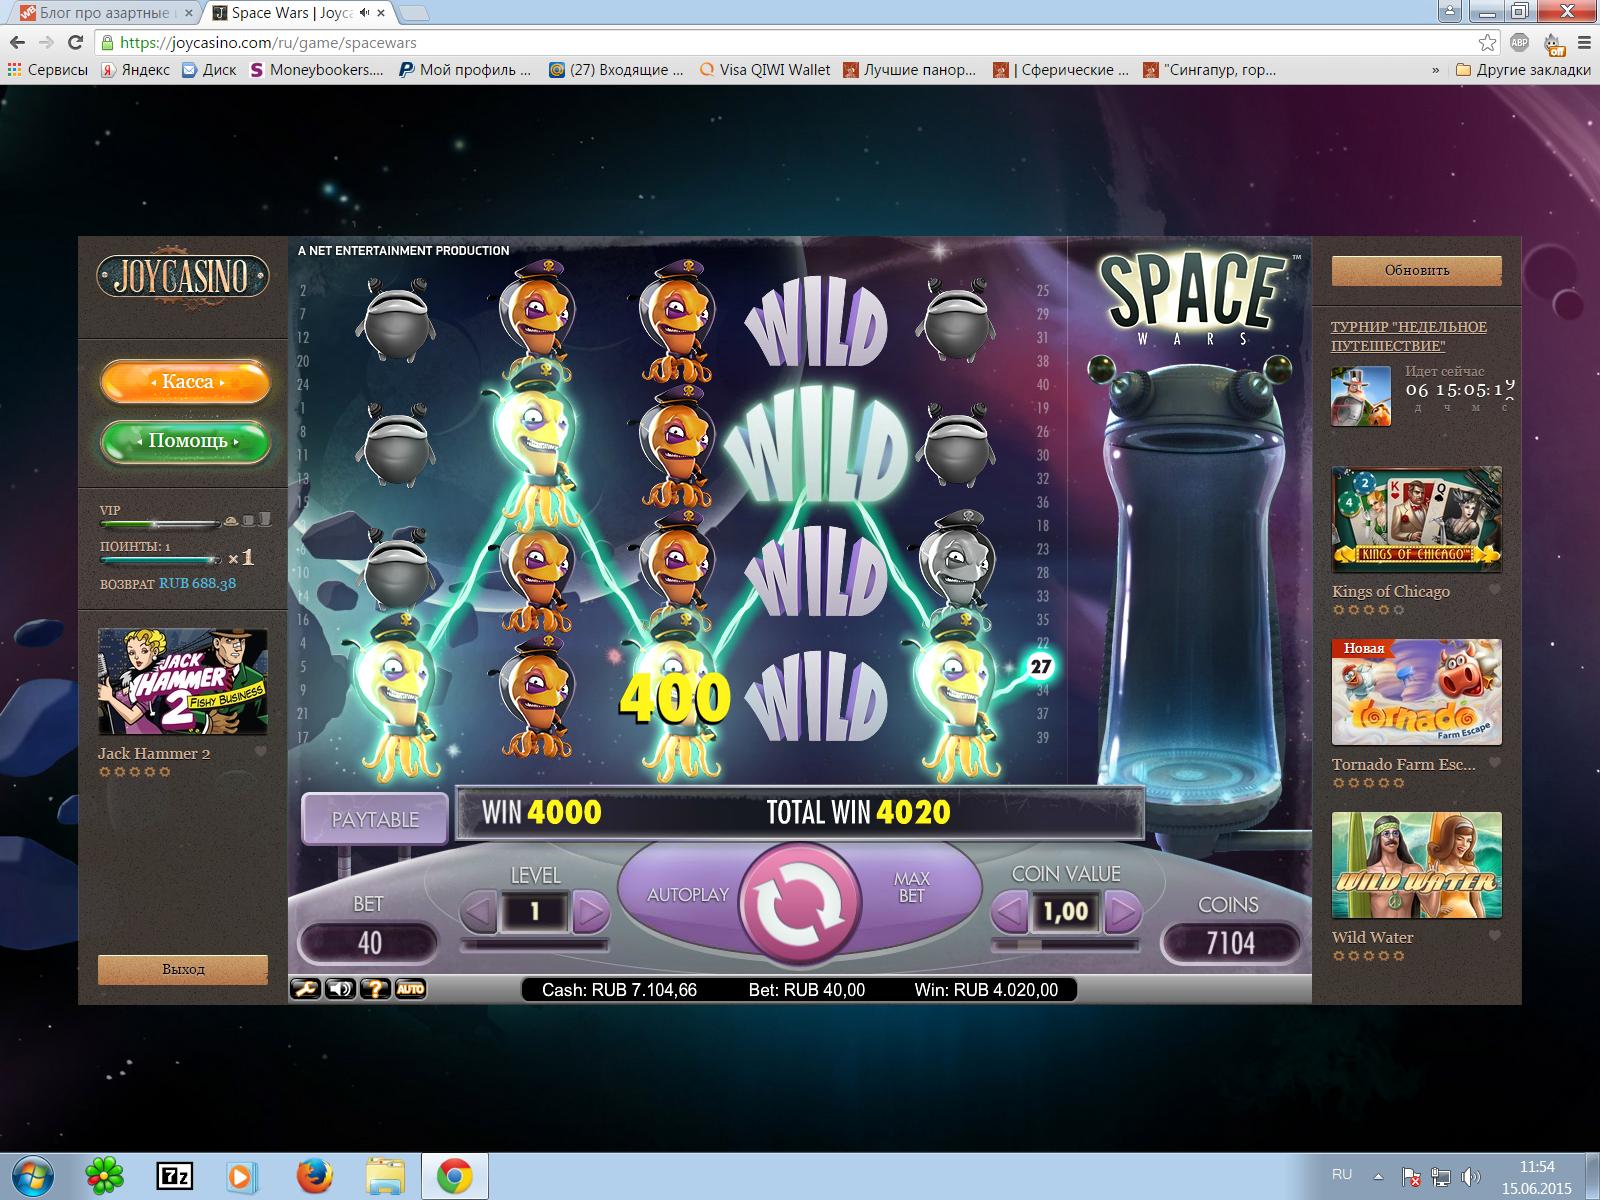 Скачать эмуляторы казино игровых автоматов magik money i казино где играют